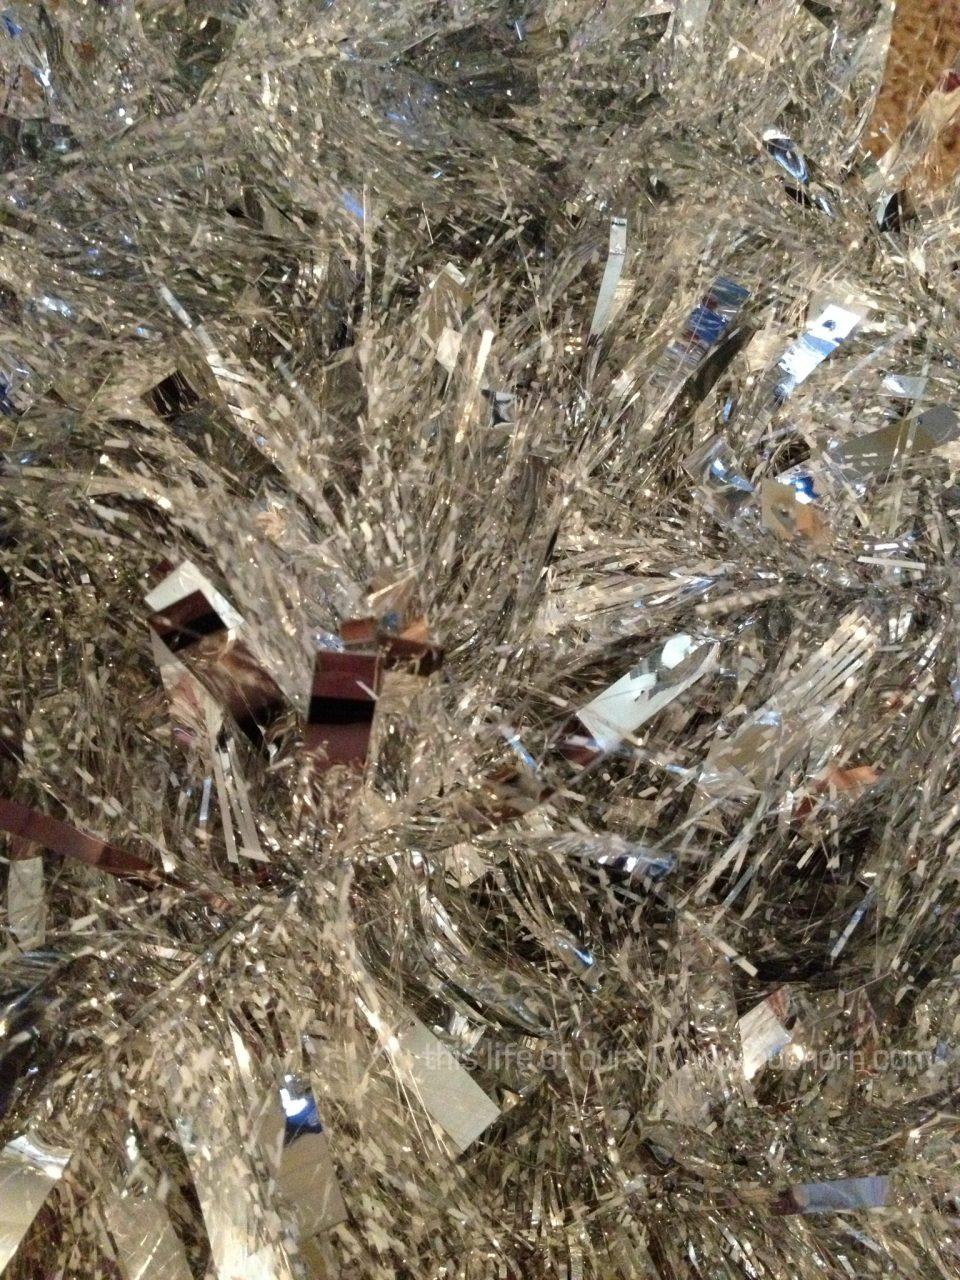 lacey-buchorn-custom-christmas-ornaments-2